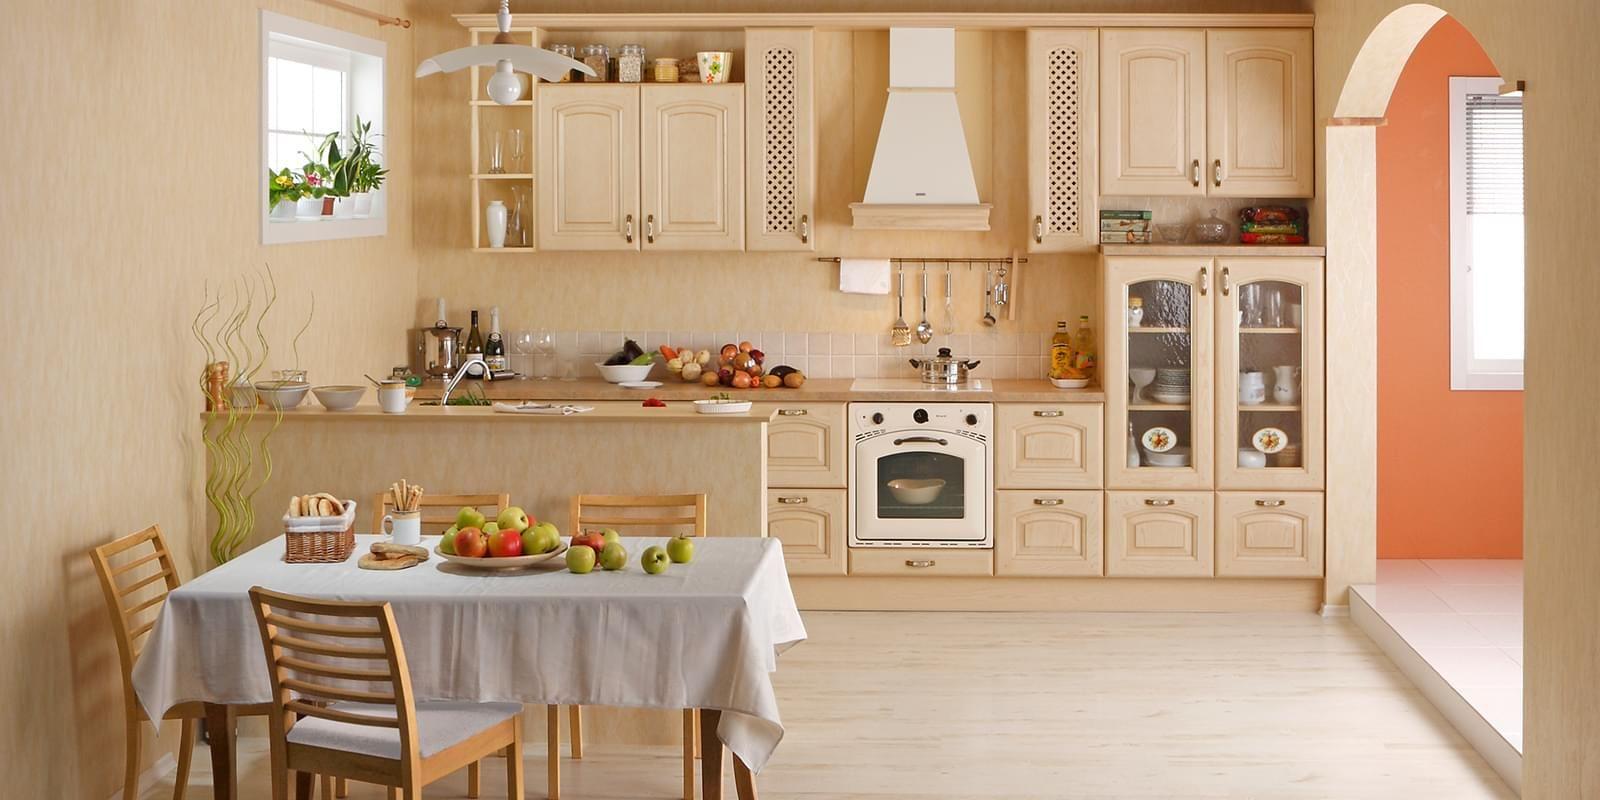 Картинки По Запросу Кухня  Кухни  Pinterest  Searching Fascinating Kitchen Models Design Ideas